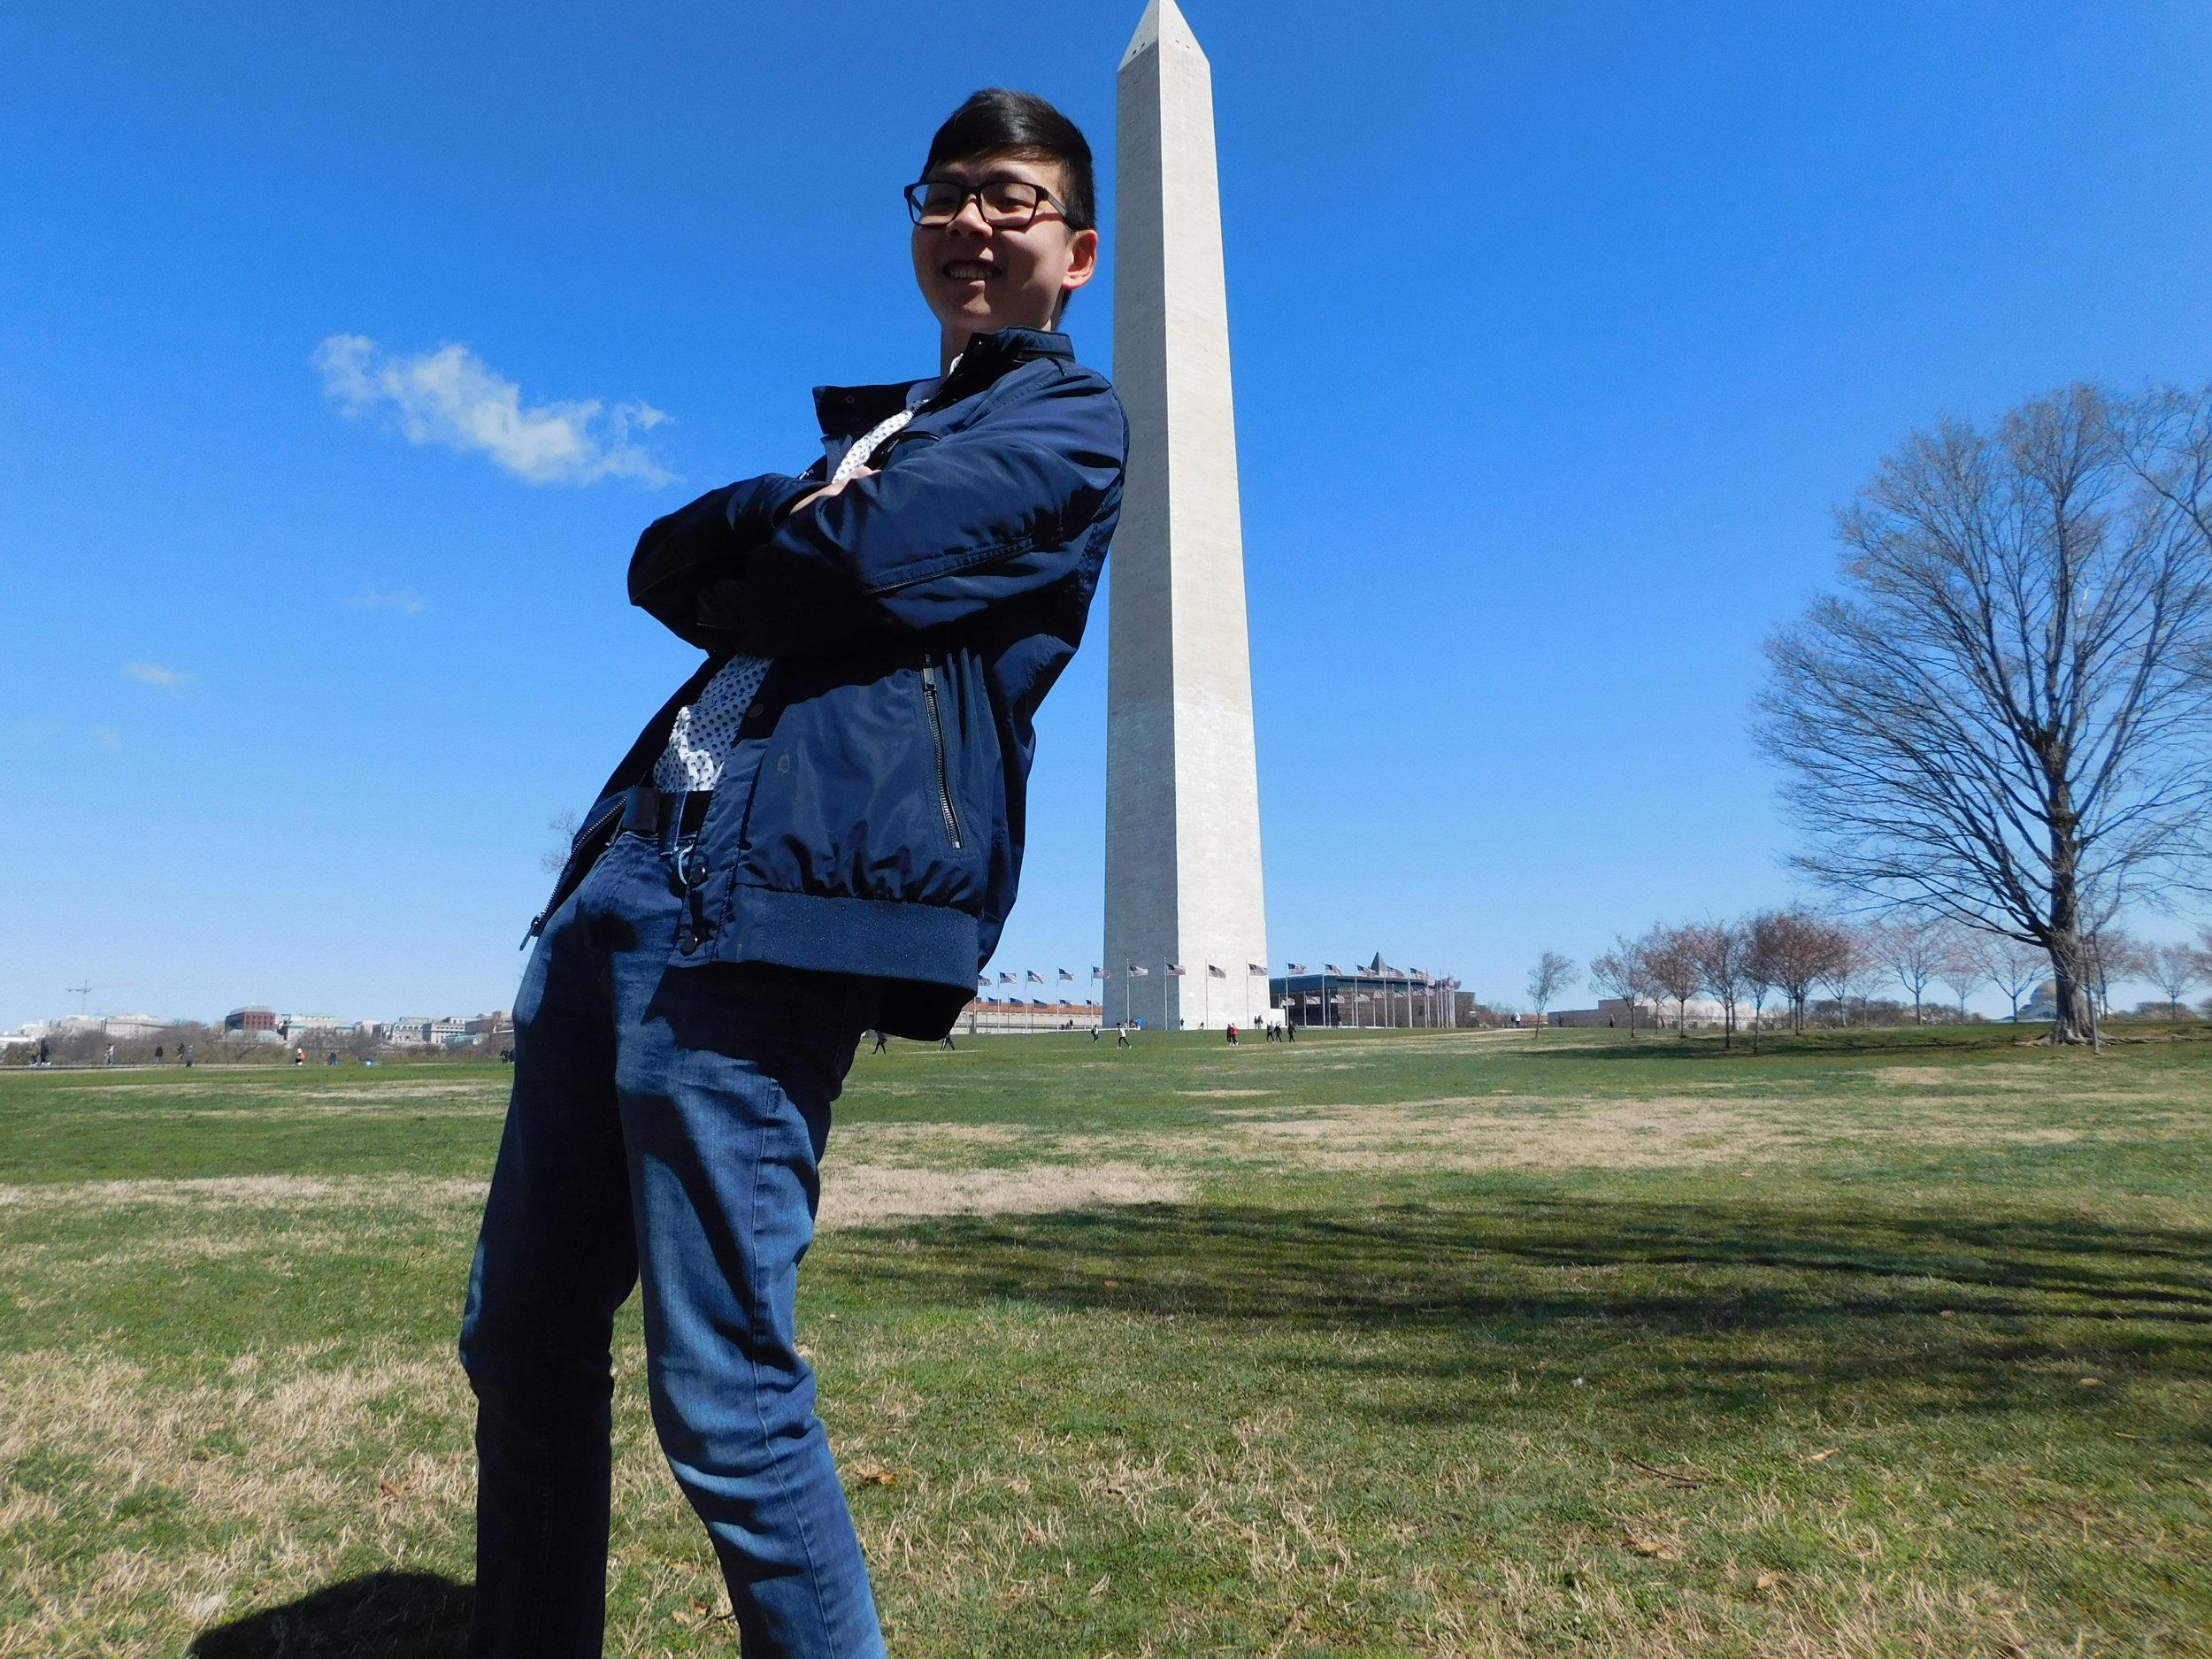 Dustin taking a Tourist photo with the Washington Monument